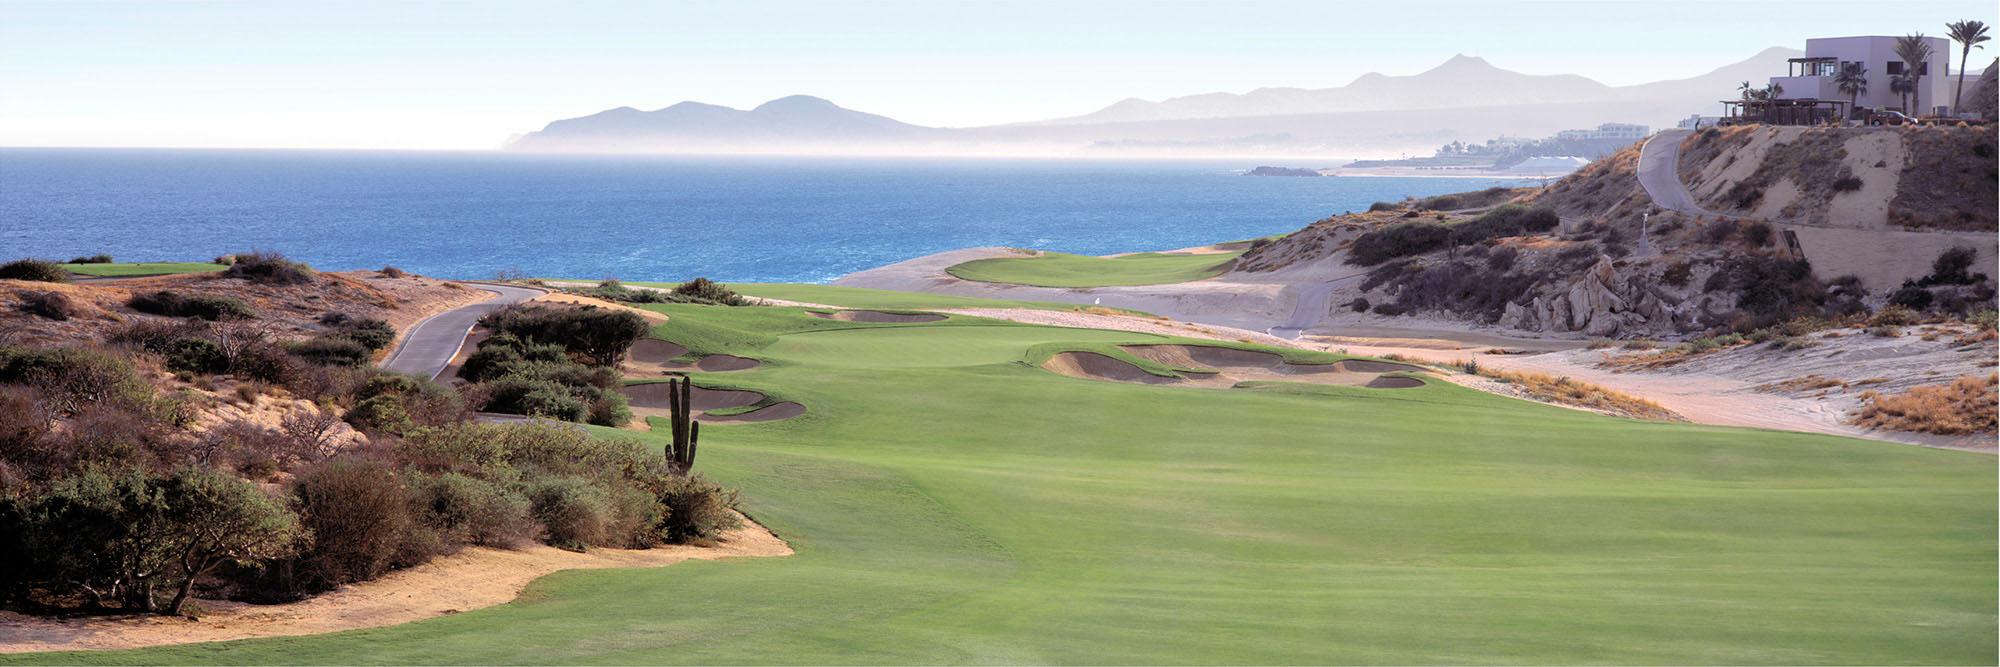 Golf Course Image - El Dorado No. 7